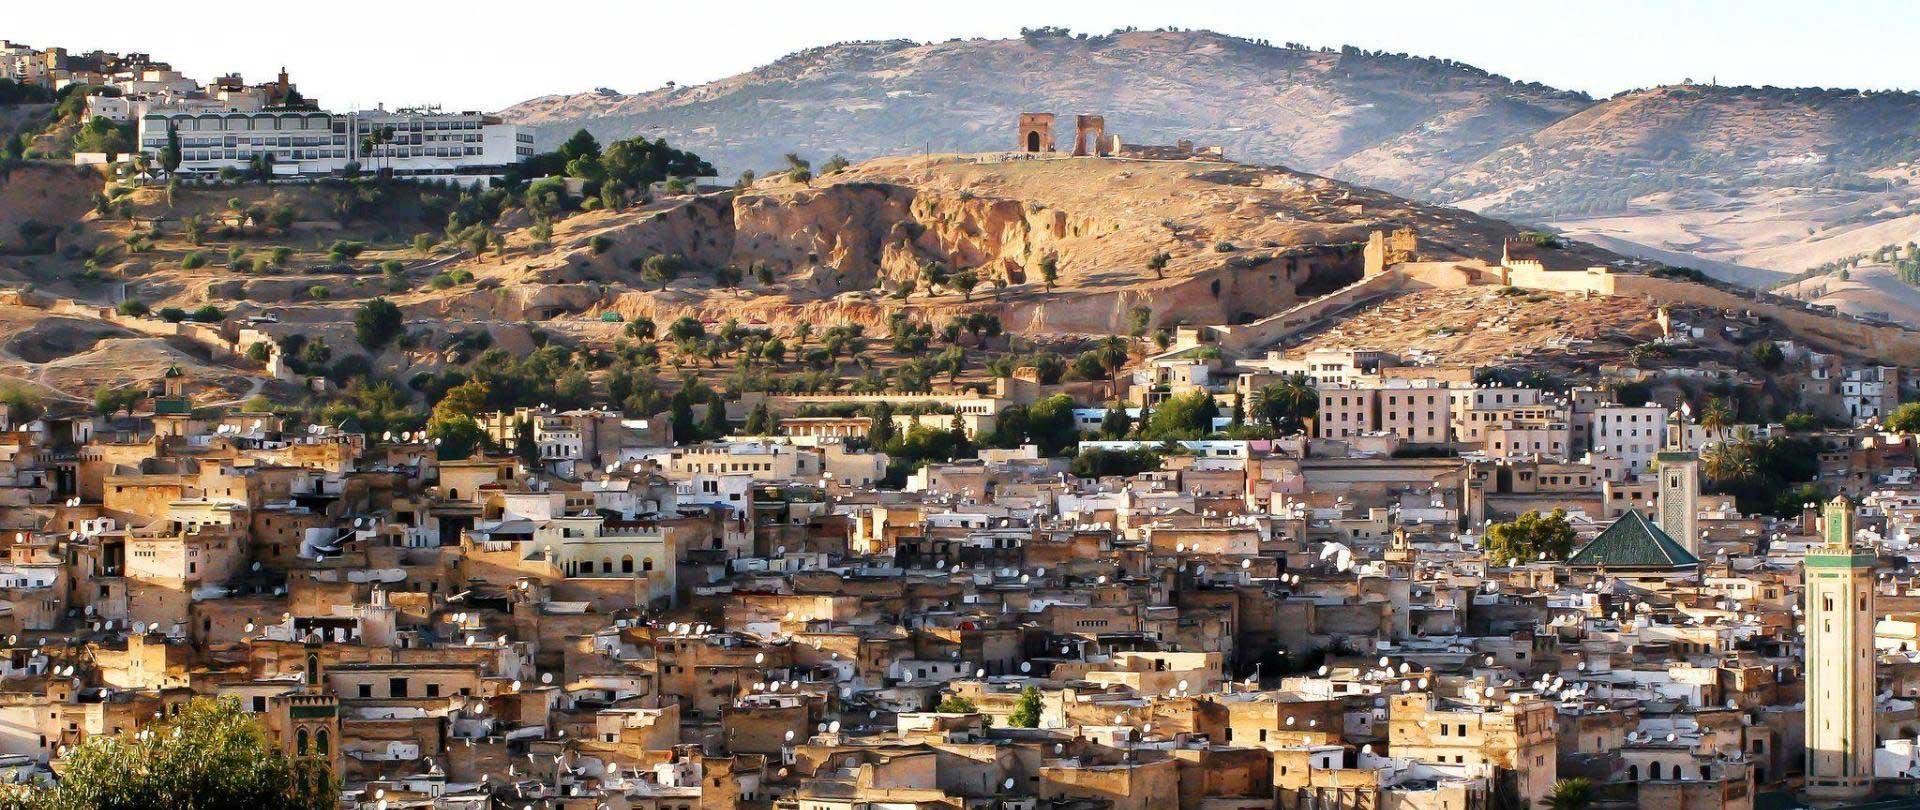 3 days tour from Marrakech to Fez via Merzouga